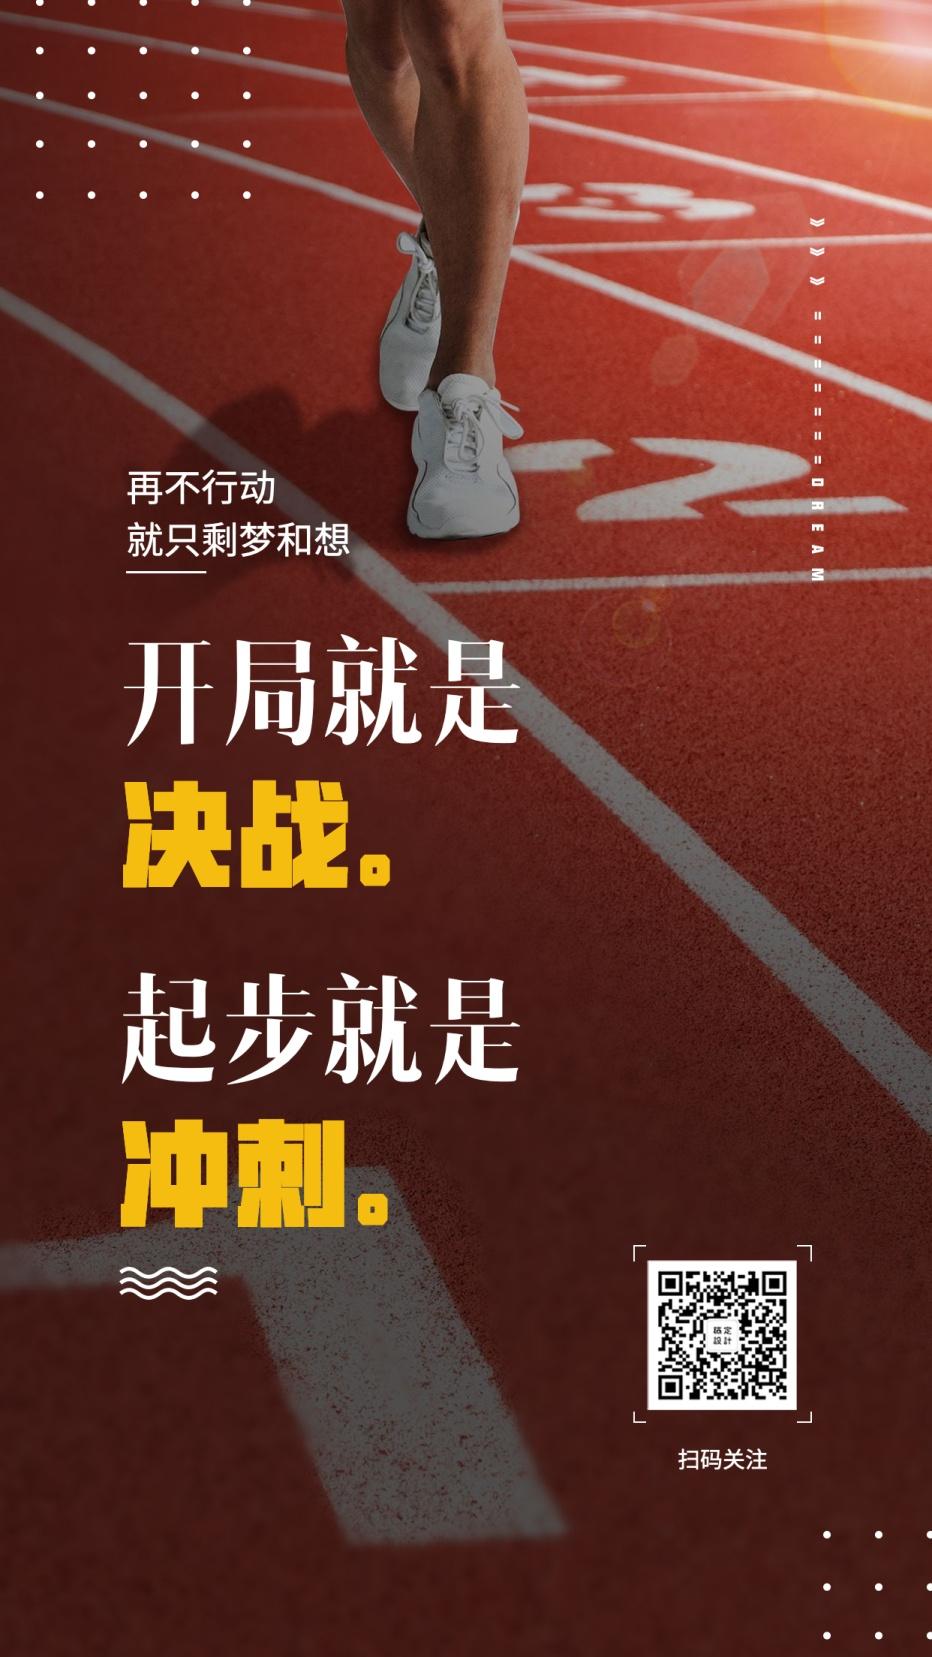 企业文化/正能量/励志/手机海报